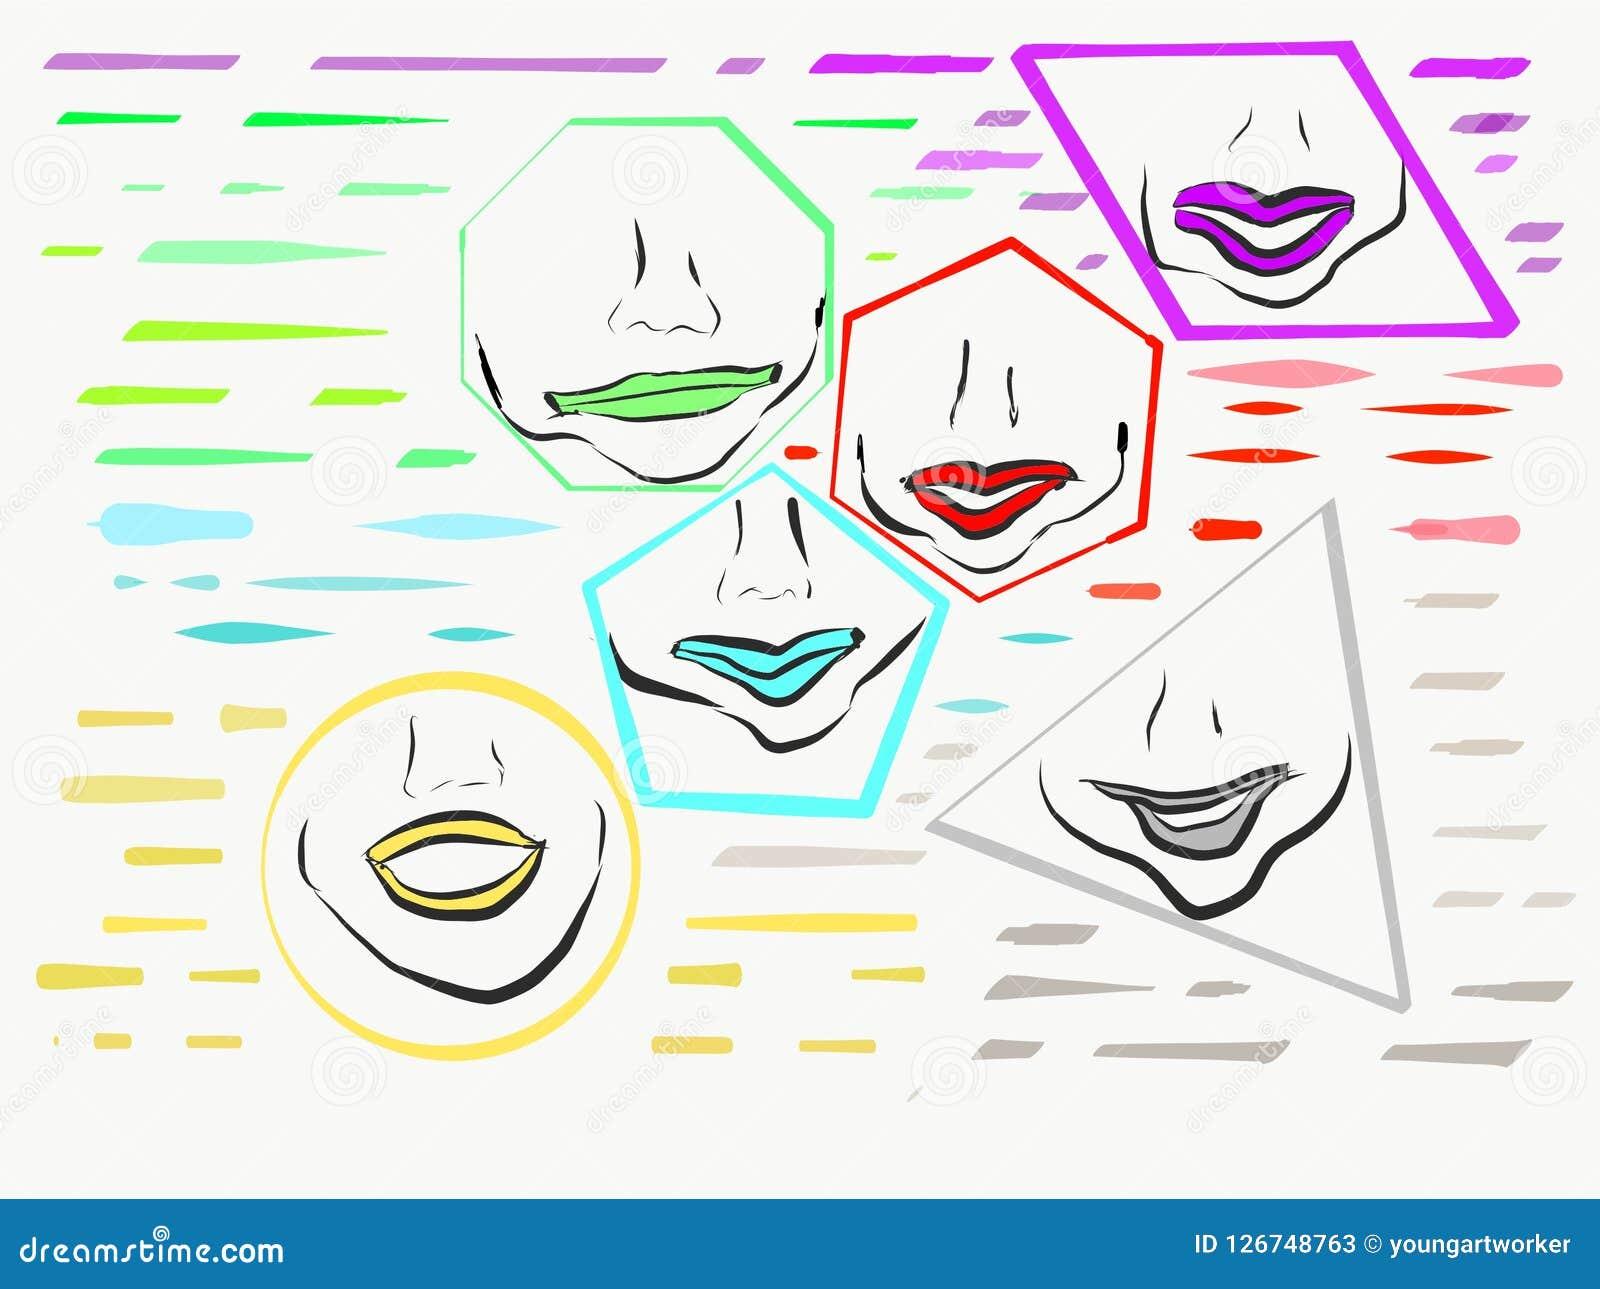 Губы внутри форм других цветов